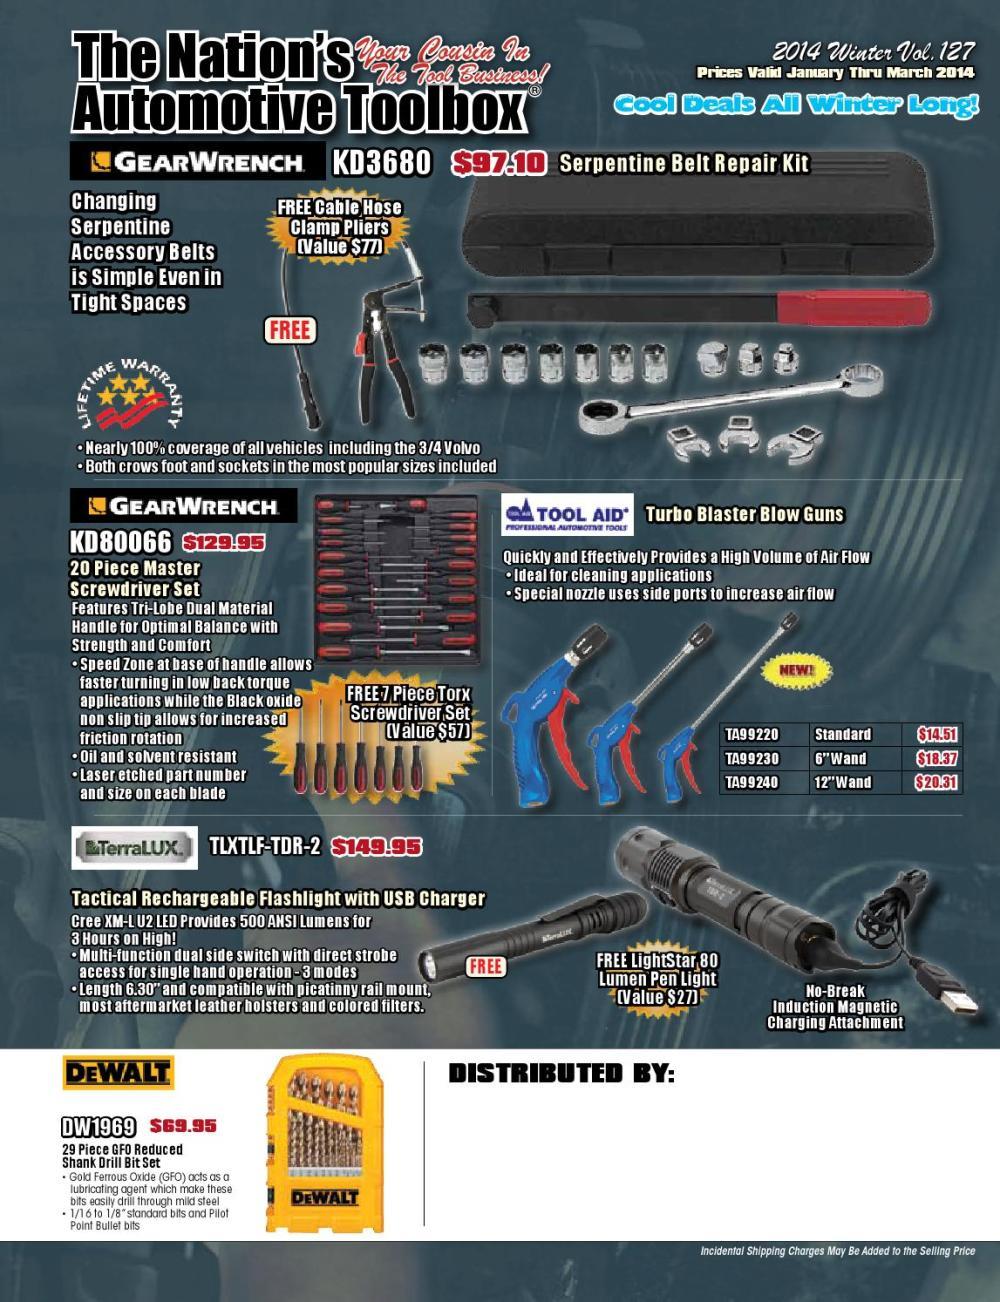 medium resolution of the nation s automotive toolbox winter 2014 by the nation s automotive tool box issuu